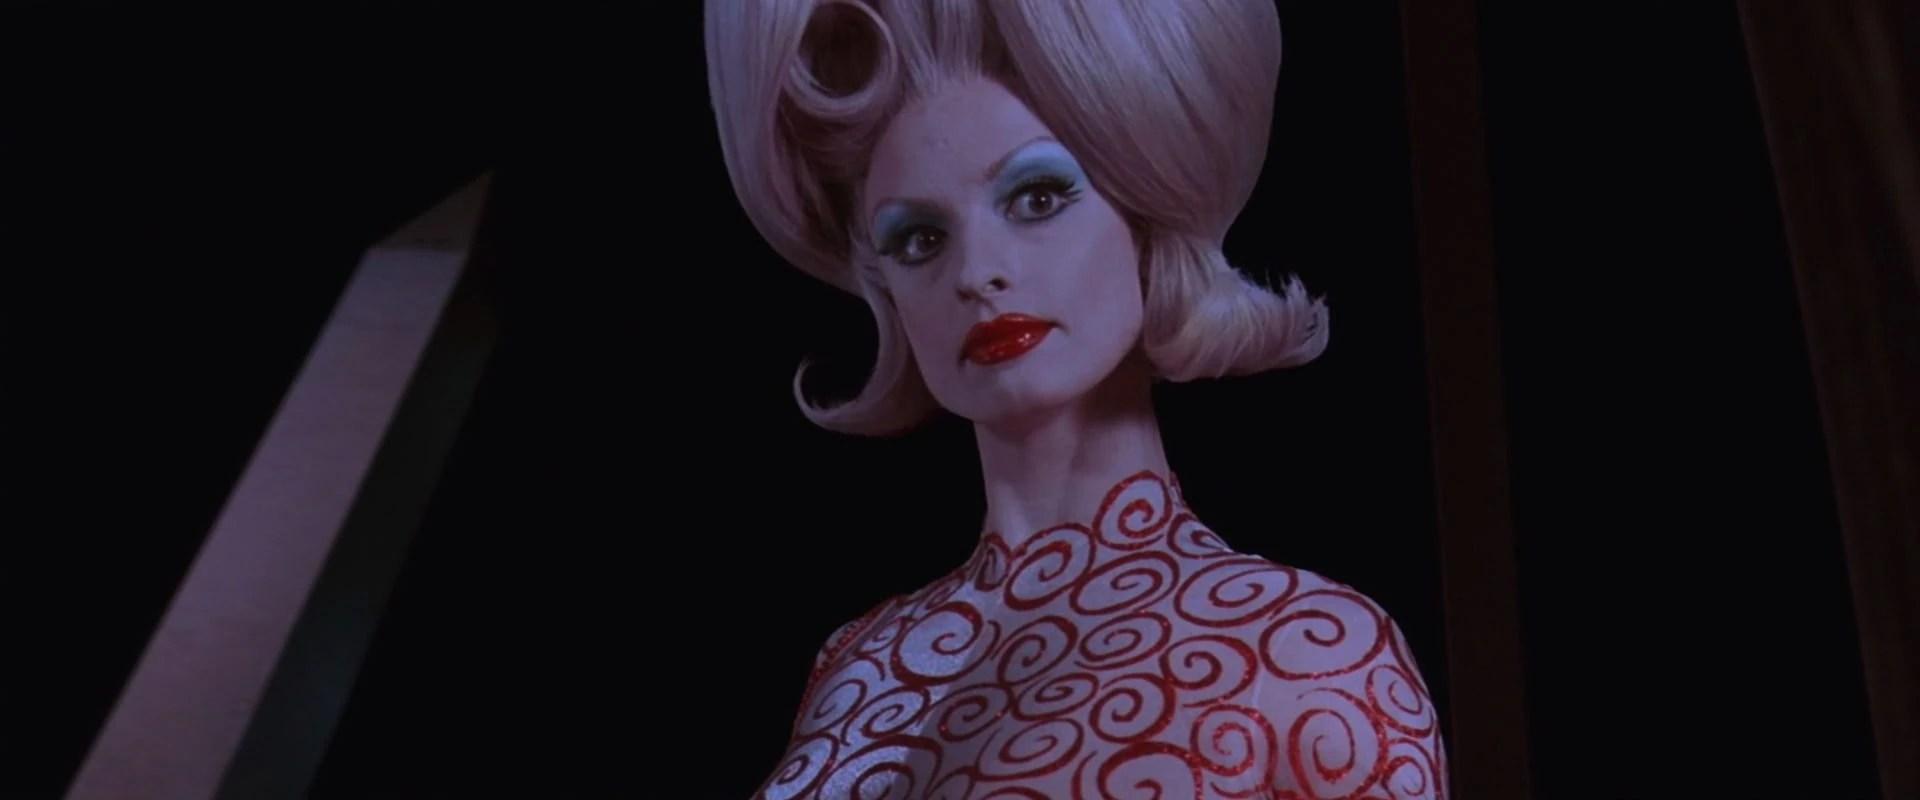 Martian Girl (Mars Attacks!) | The Female Villains Wiki ...